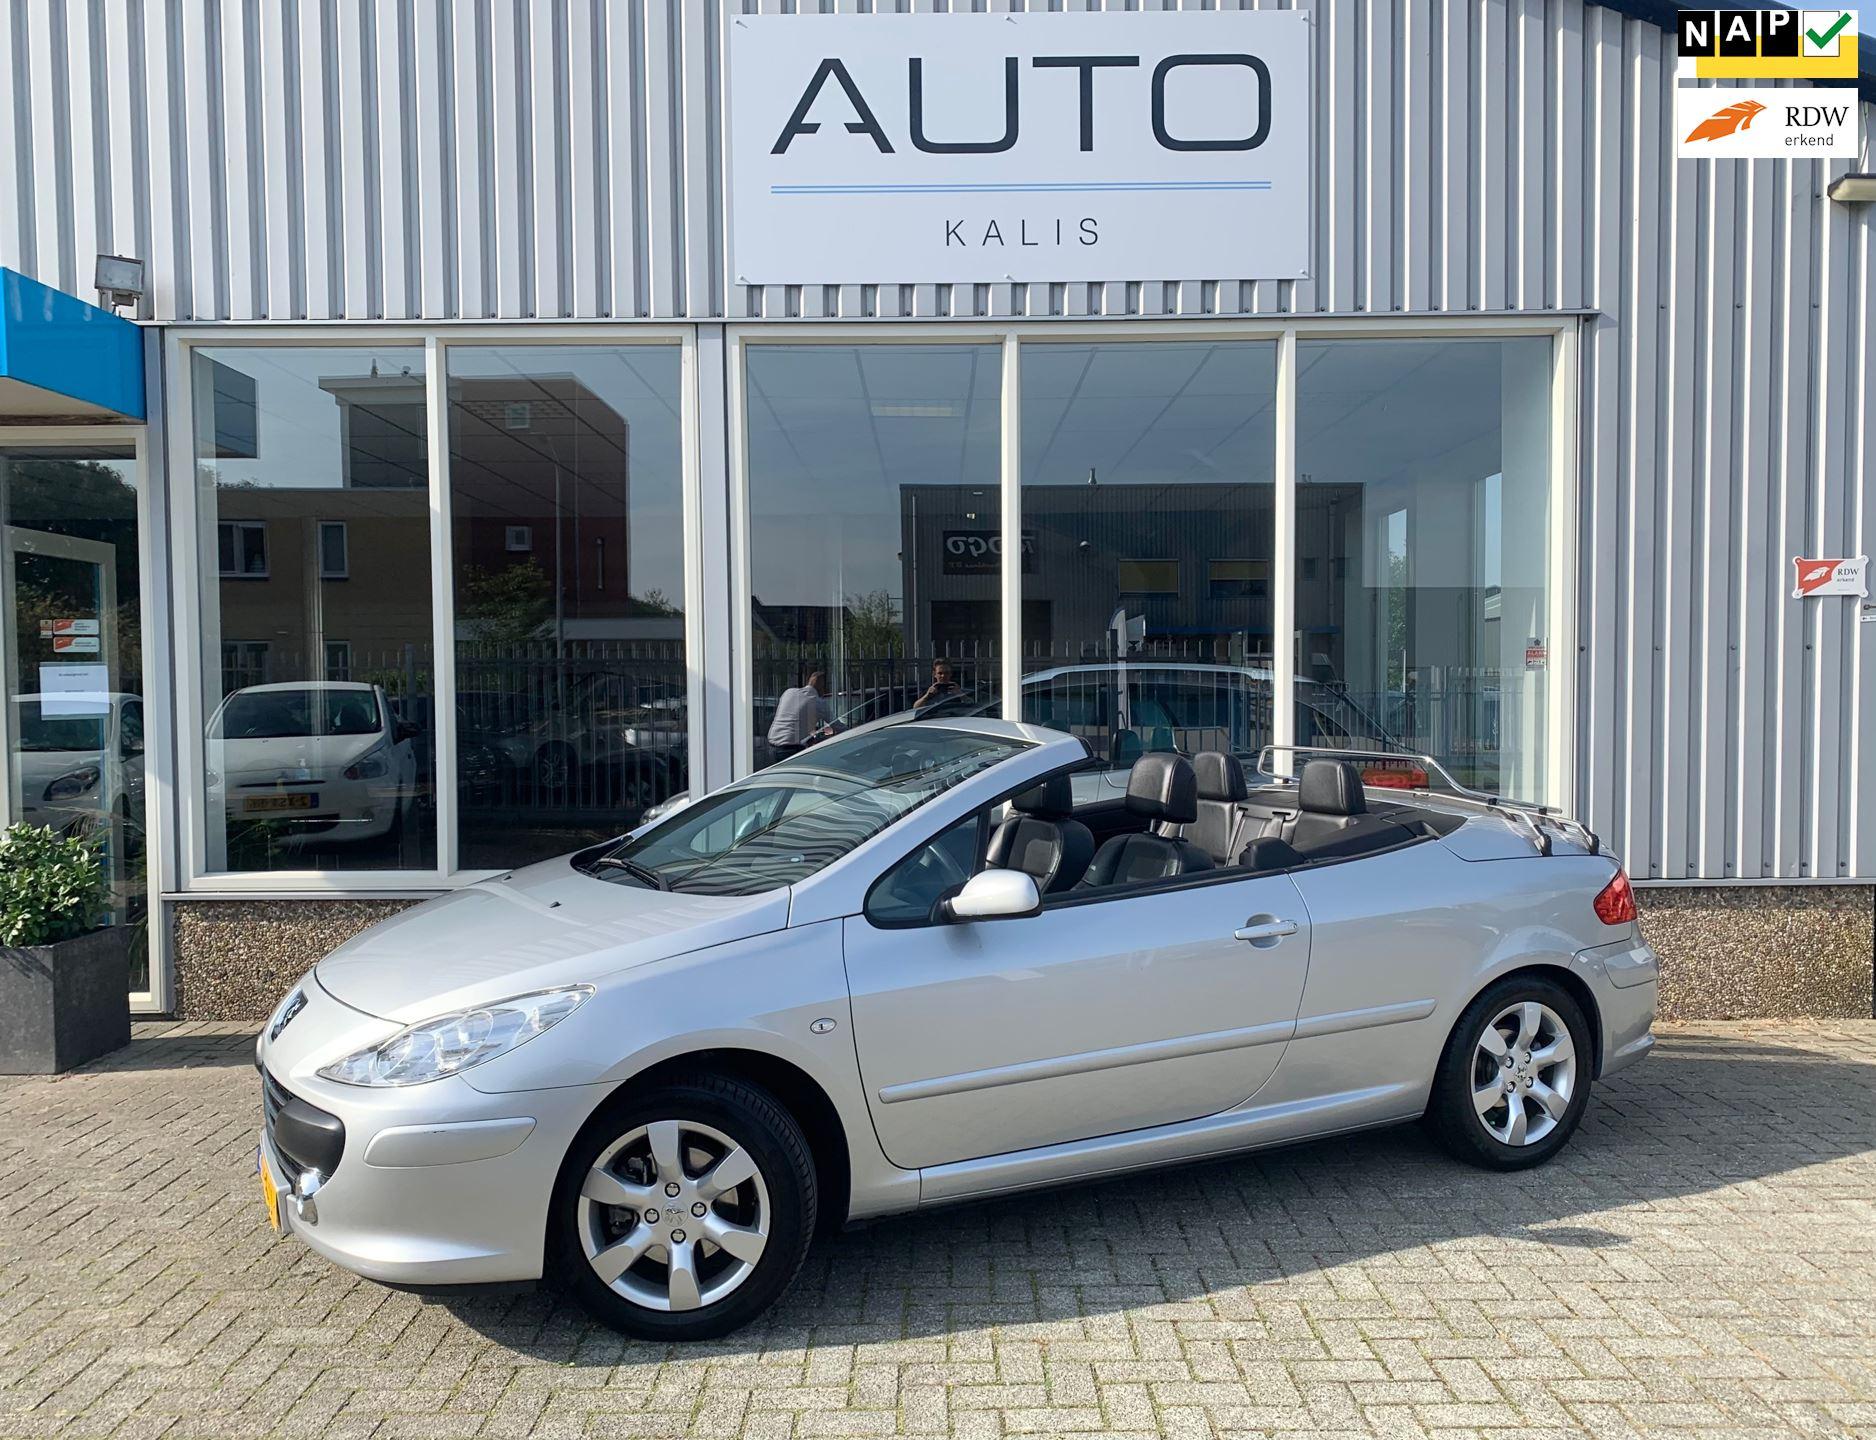 Peugeot 307 CC occasion - Auto Kalis